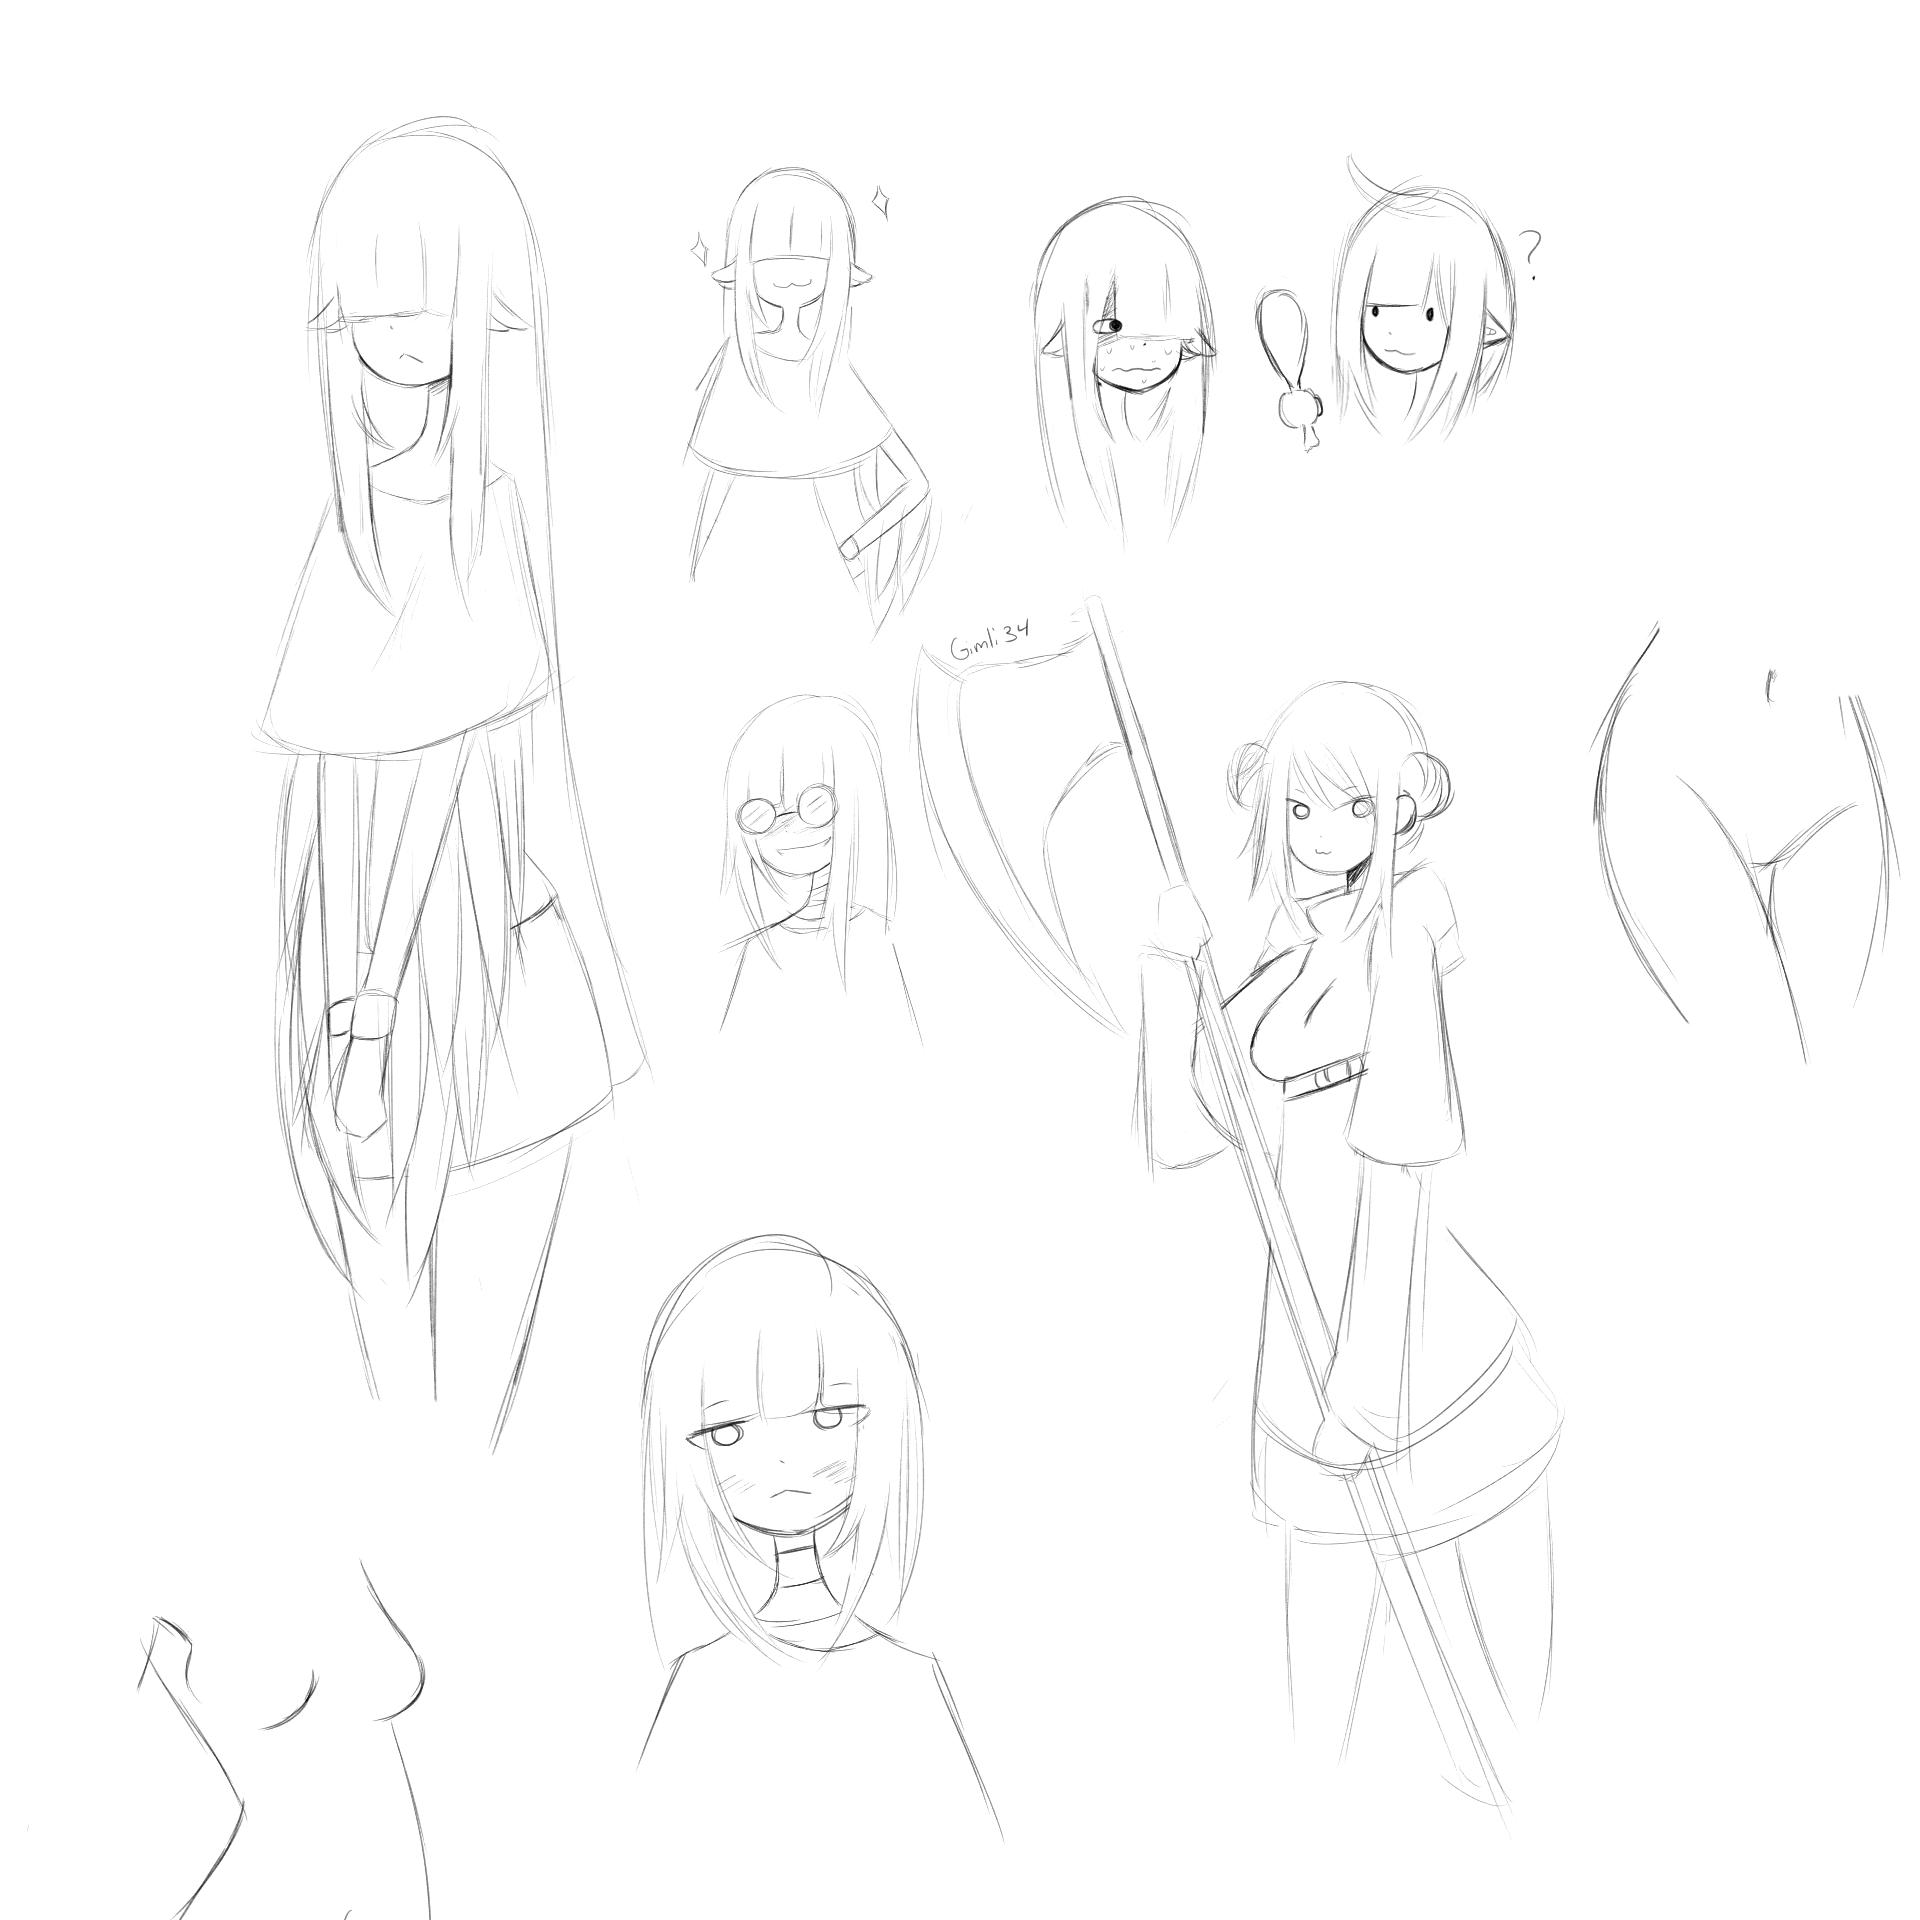 Random sketches 2 - Crippling insomnia